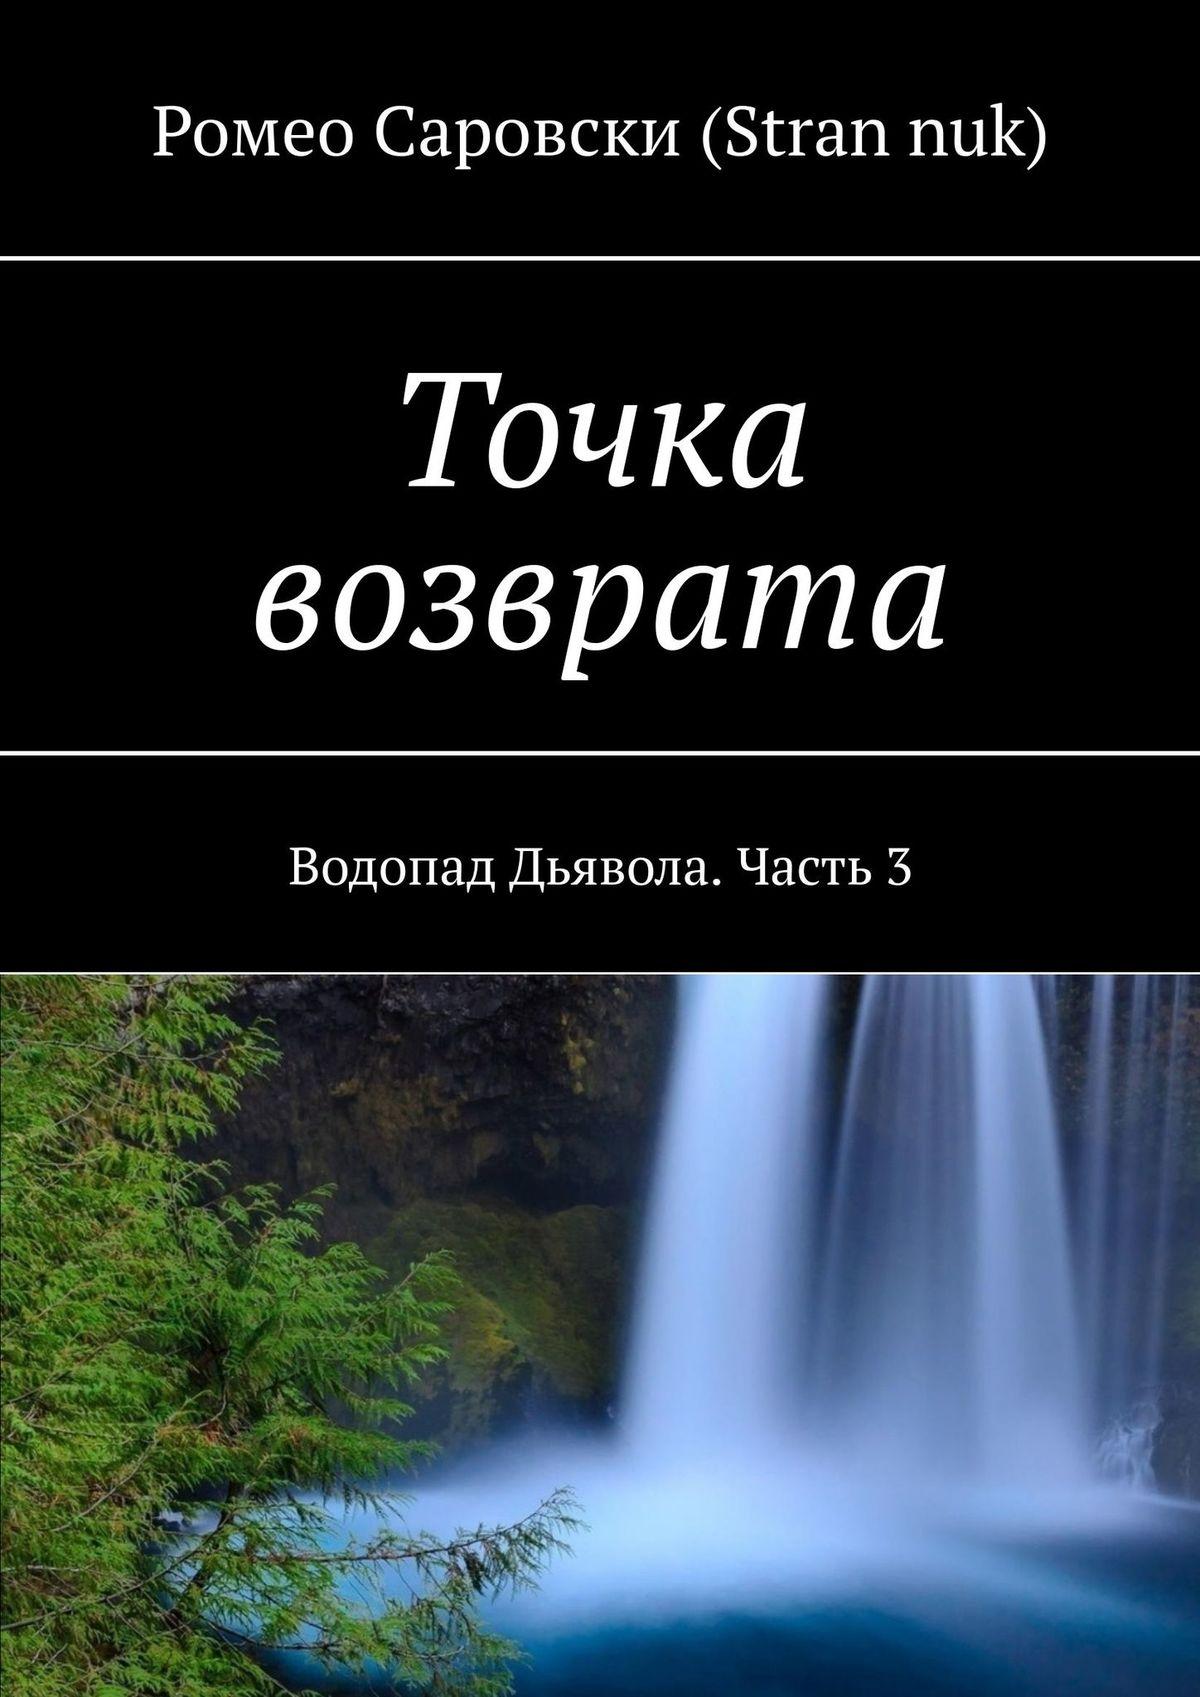 Точка возврата. Водопад Дьявола. Часть 3